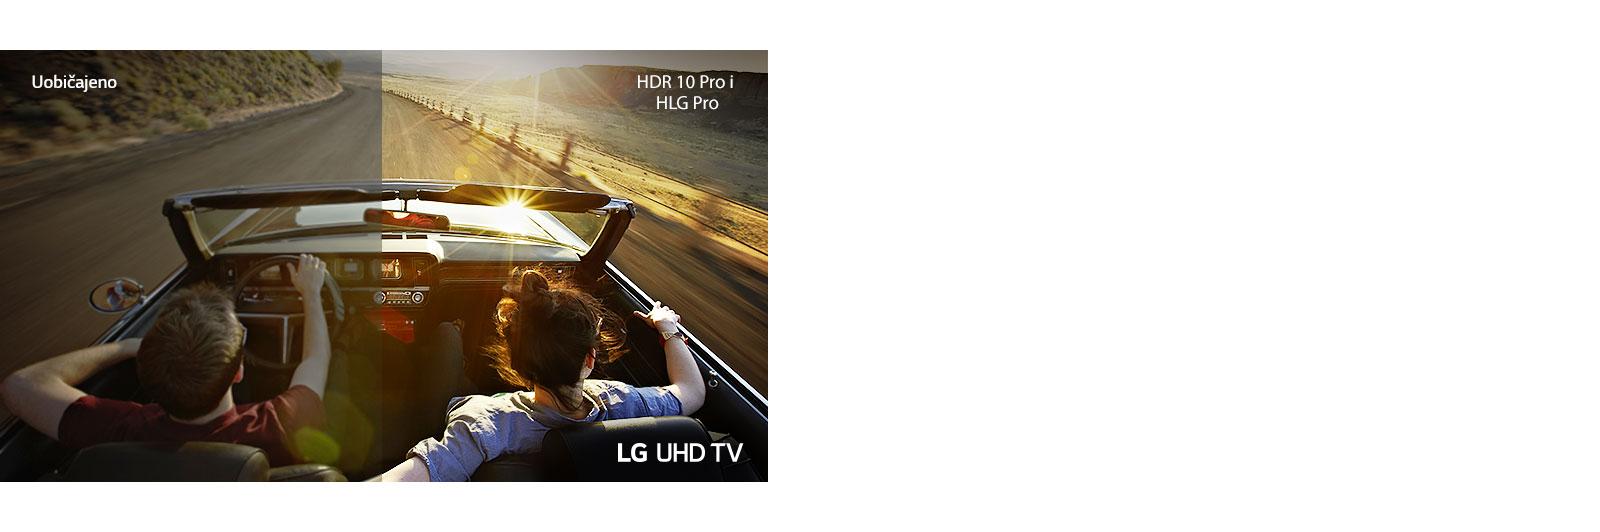 Par v avtu, ki vozi po cesti. Ena polovica je prikazana na običajnem zaslonu slabe kakovosti slike. Druga polovica je prikazana na zaslonu televizorja LG UHD z jasno in razkošno kakovostjo slike.